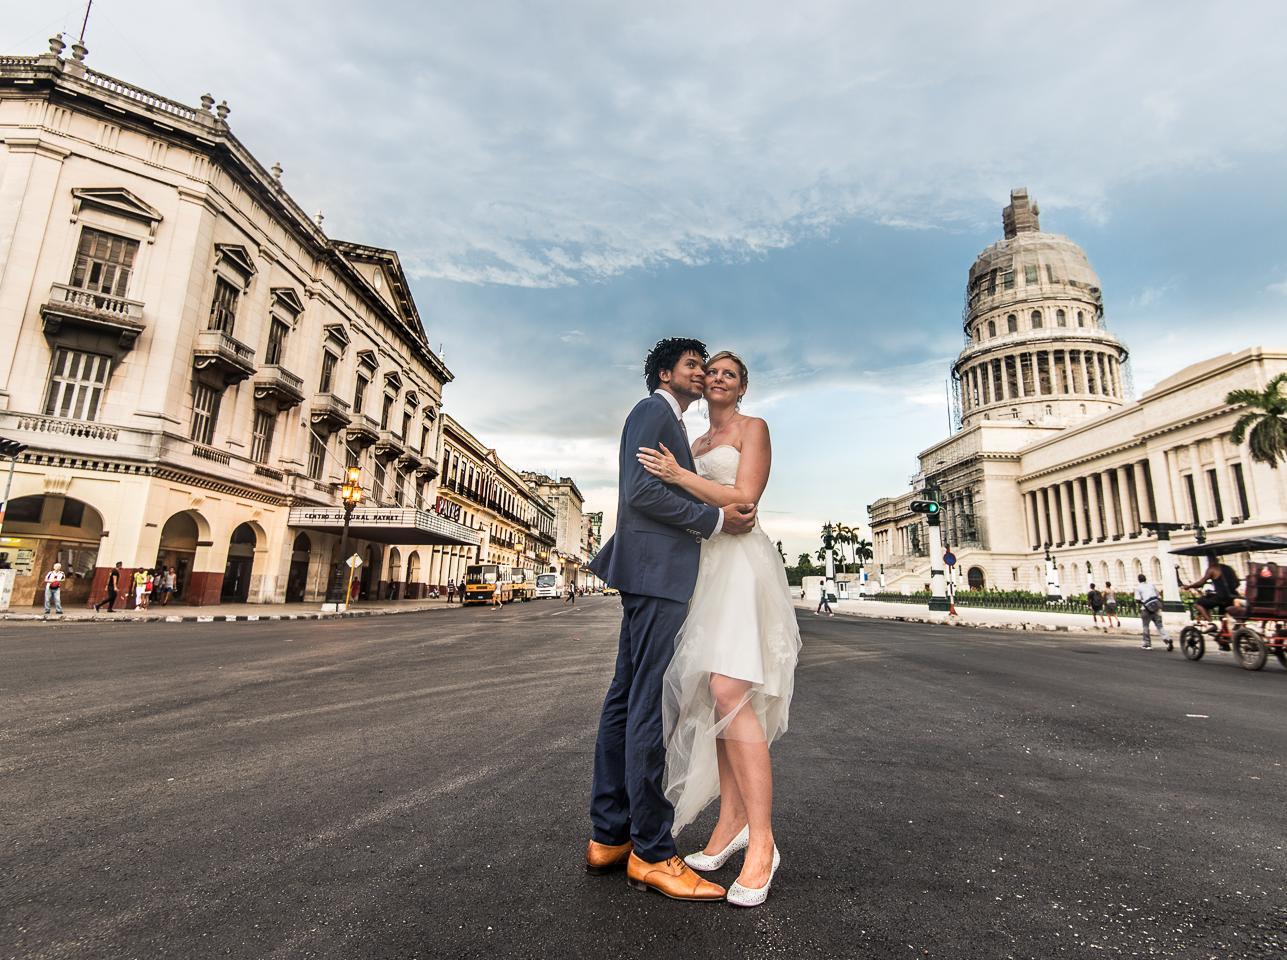 bodas-estilo-libre-sin-tema-cuba-11541.jpg